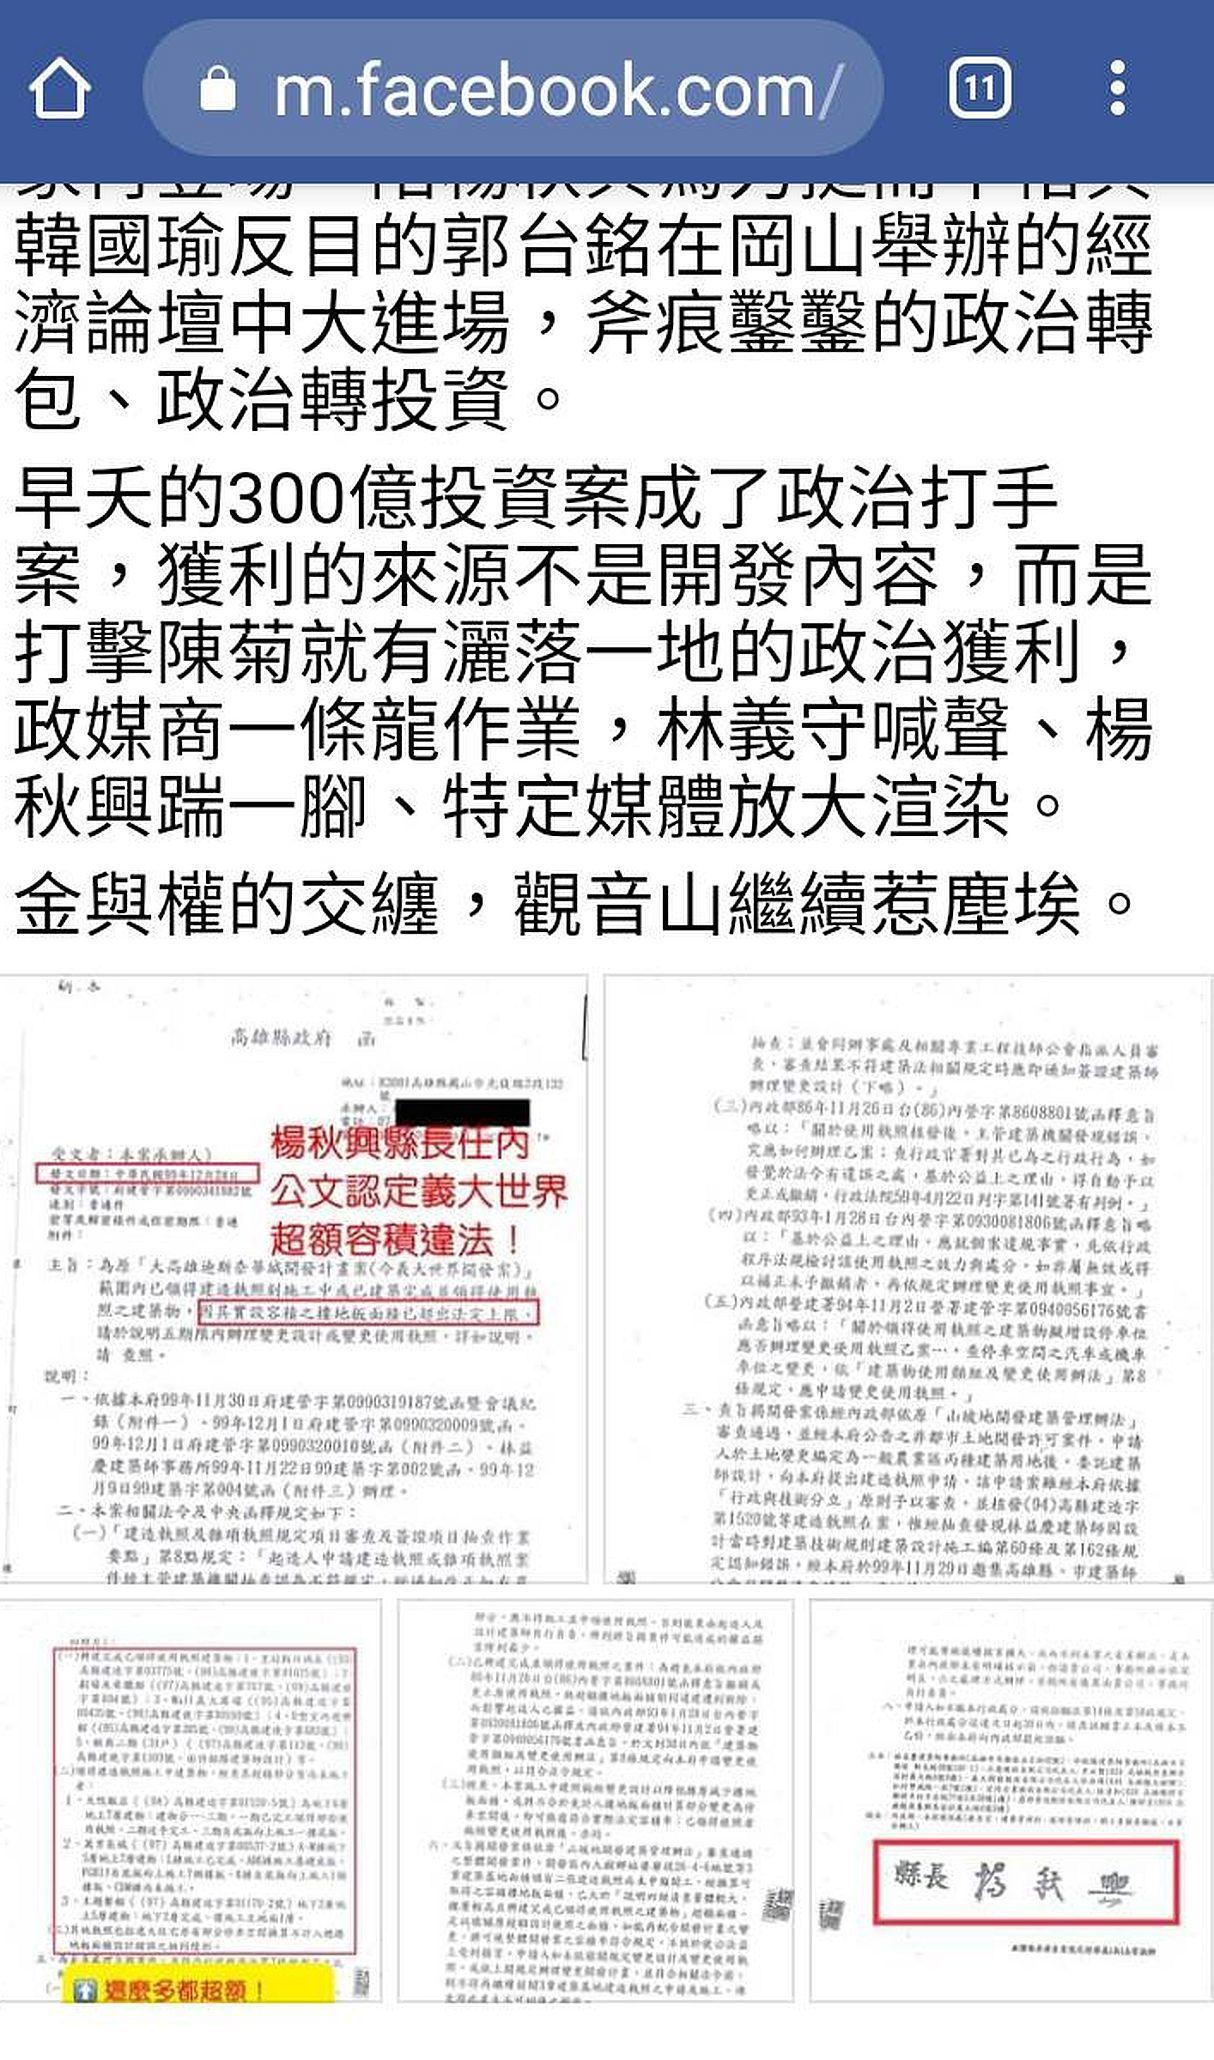 前高市行政國際處長陳瓊華在臉書附上五大張公文。圖/翻攝自陳瓊華臉書